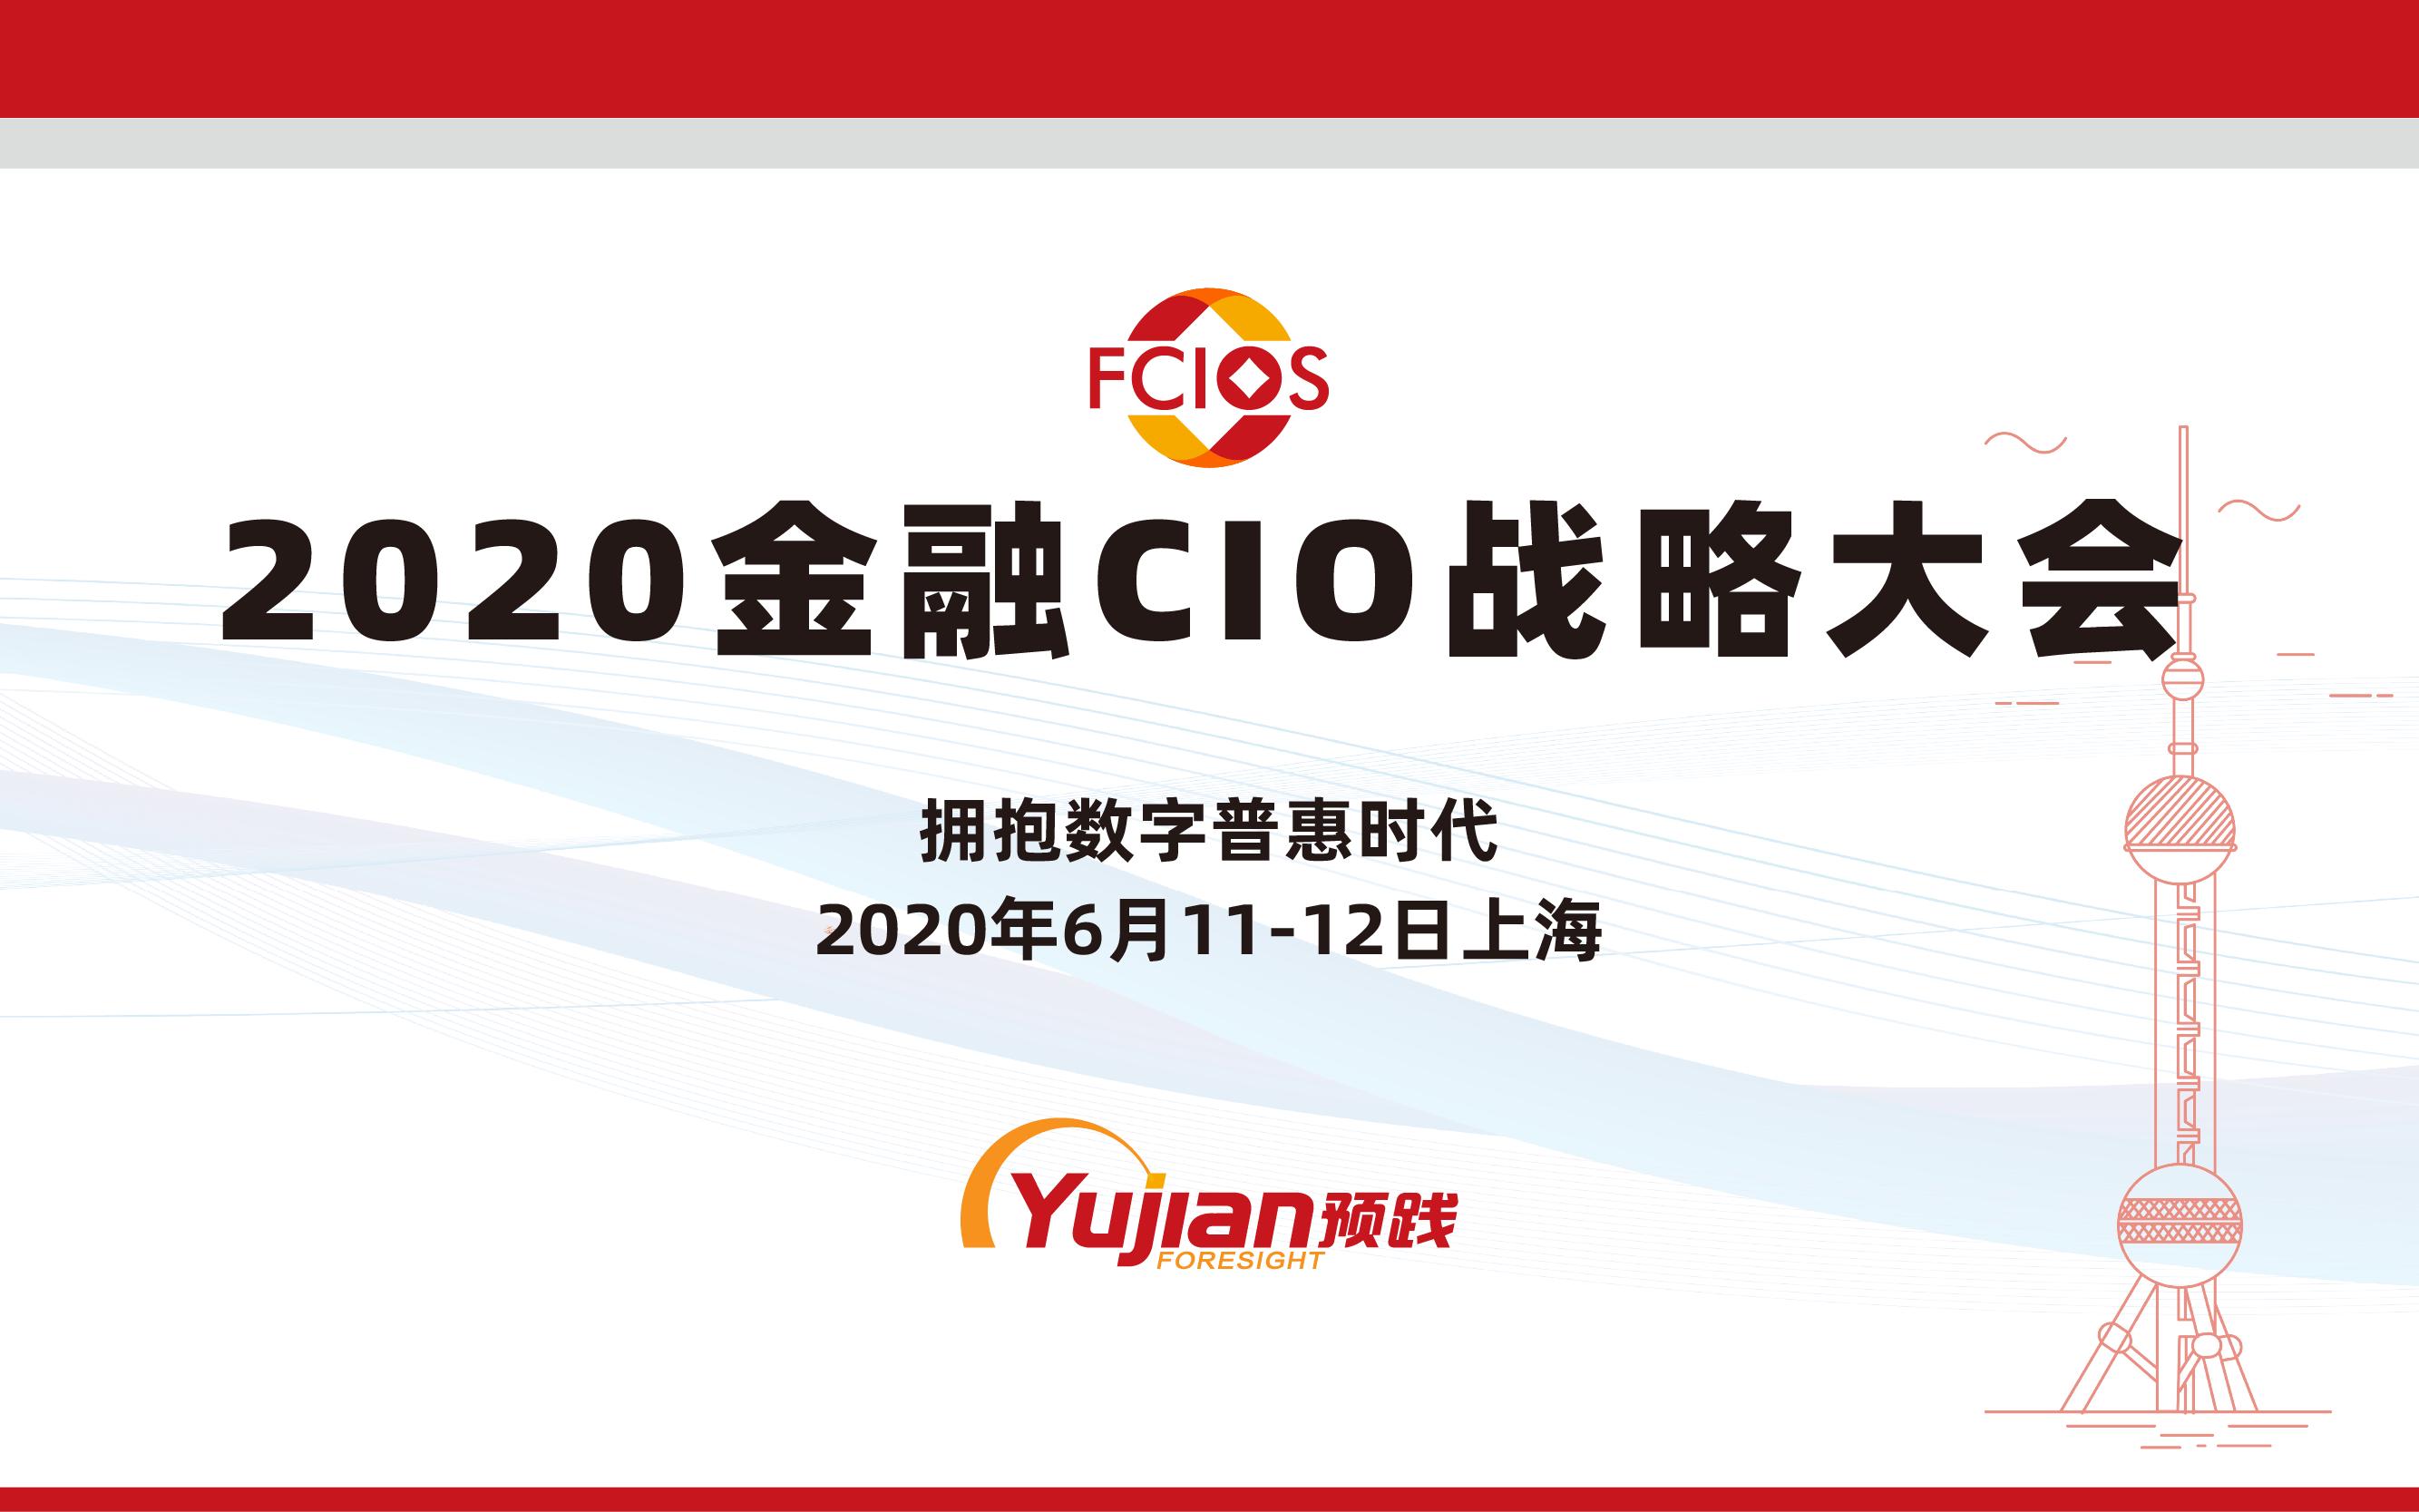 FCIOS2020金融CIO战略大会